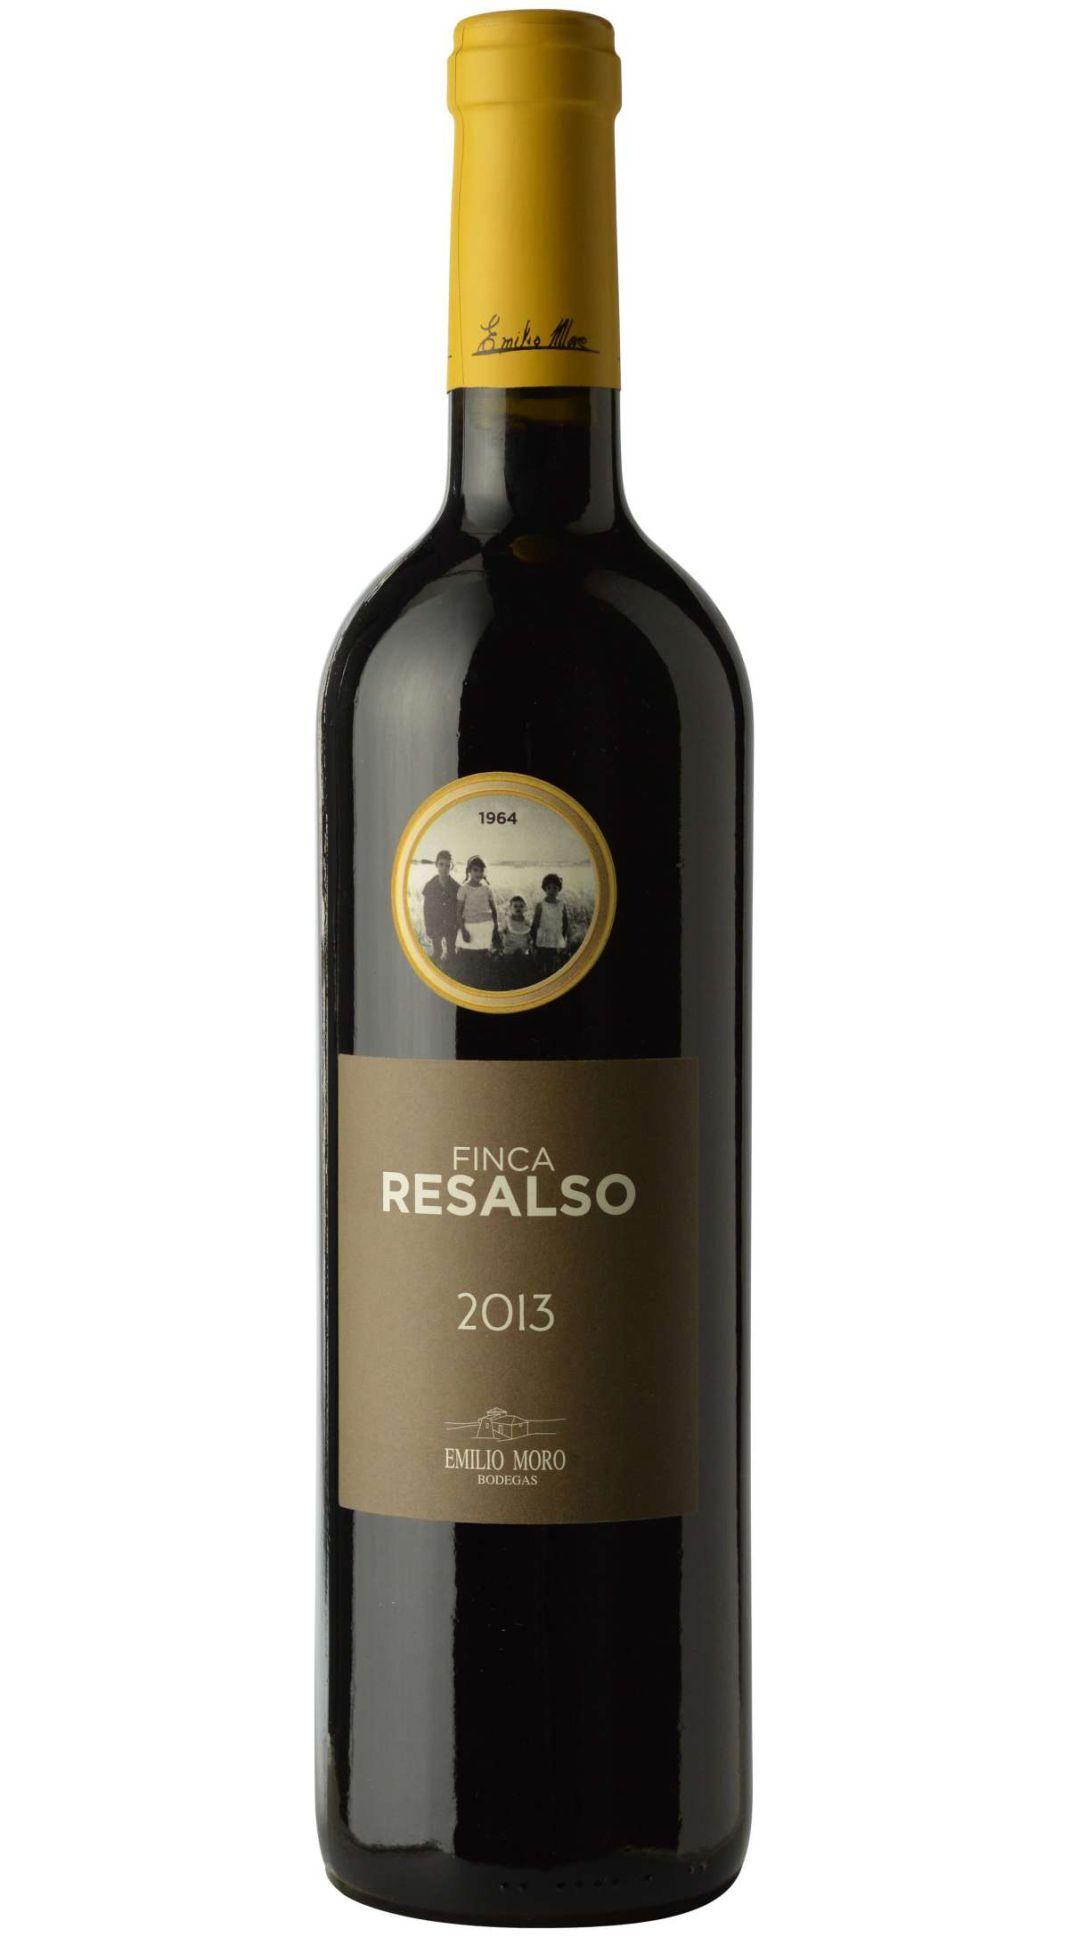 Emilio Moro 2013 Finca Resalso Wine